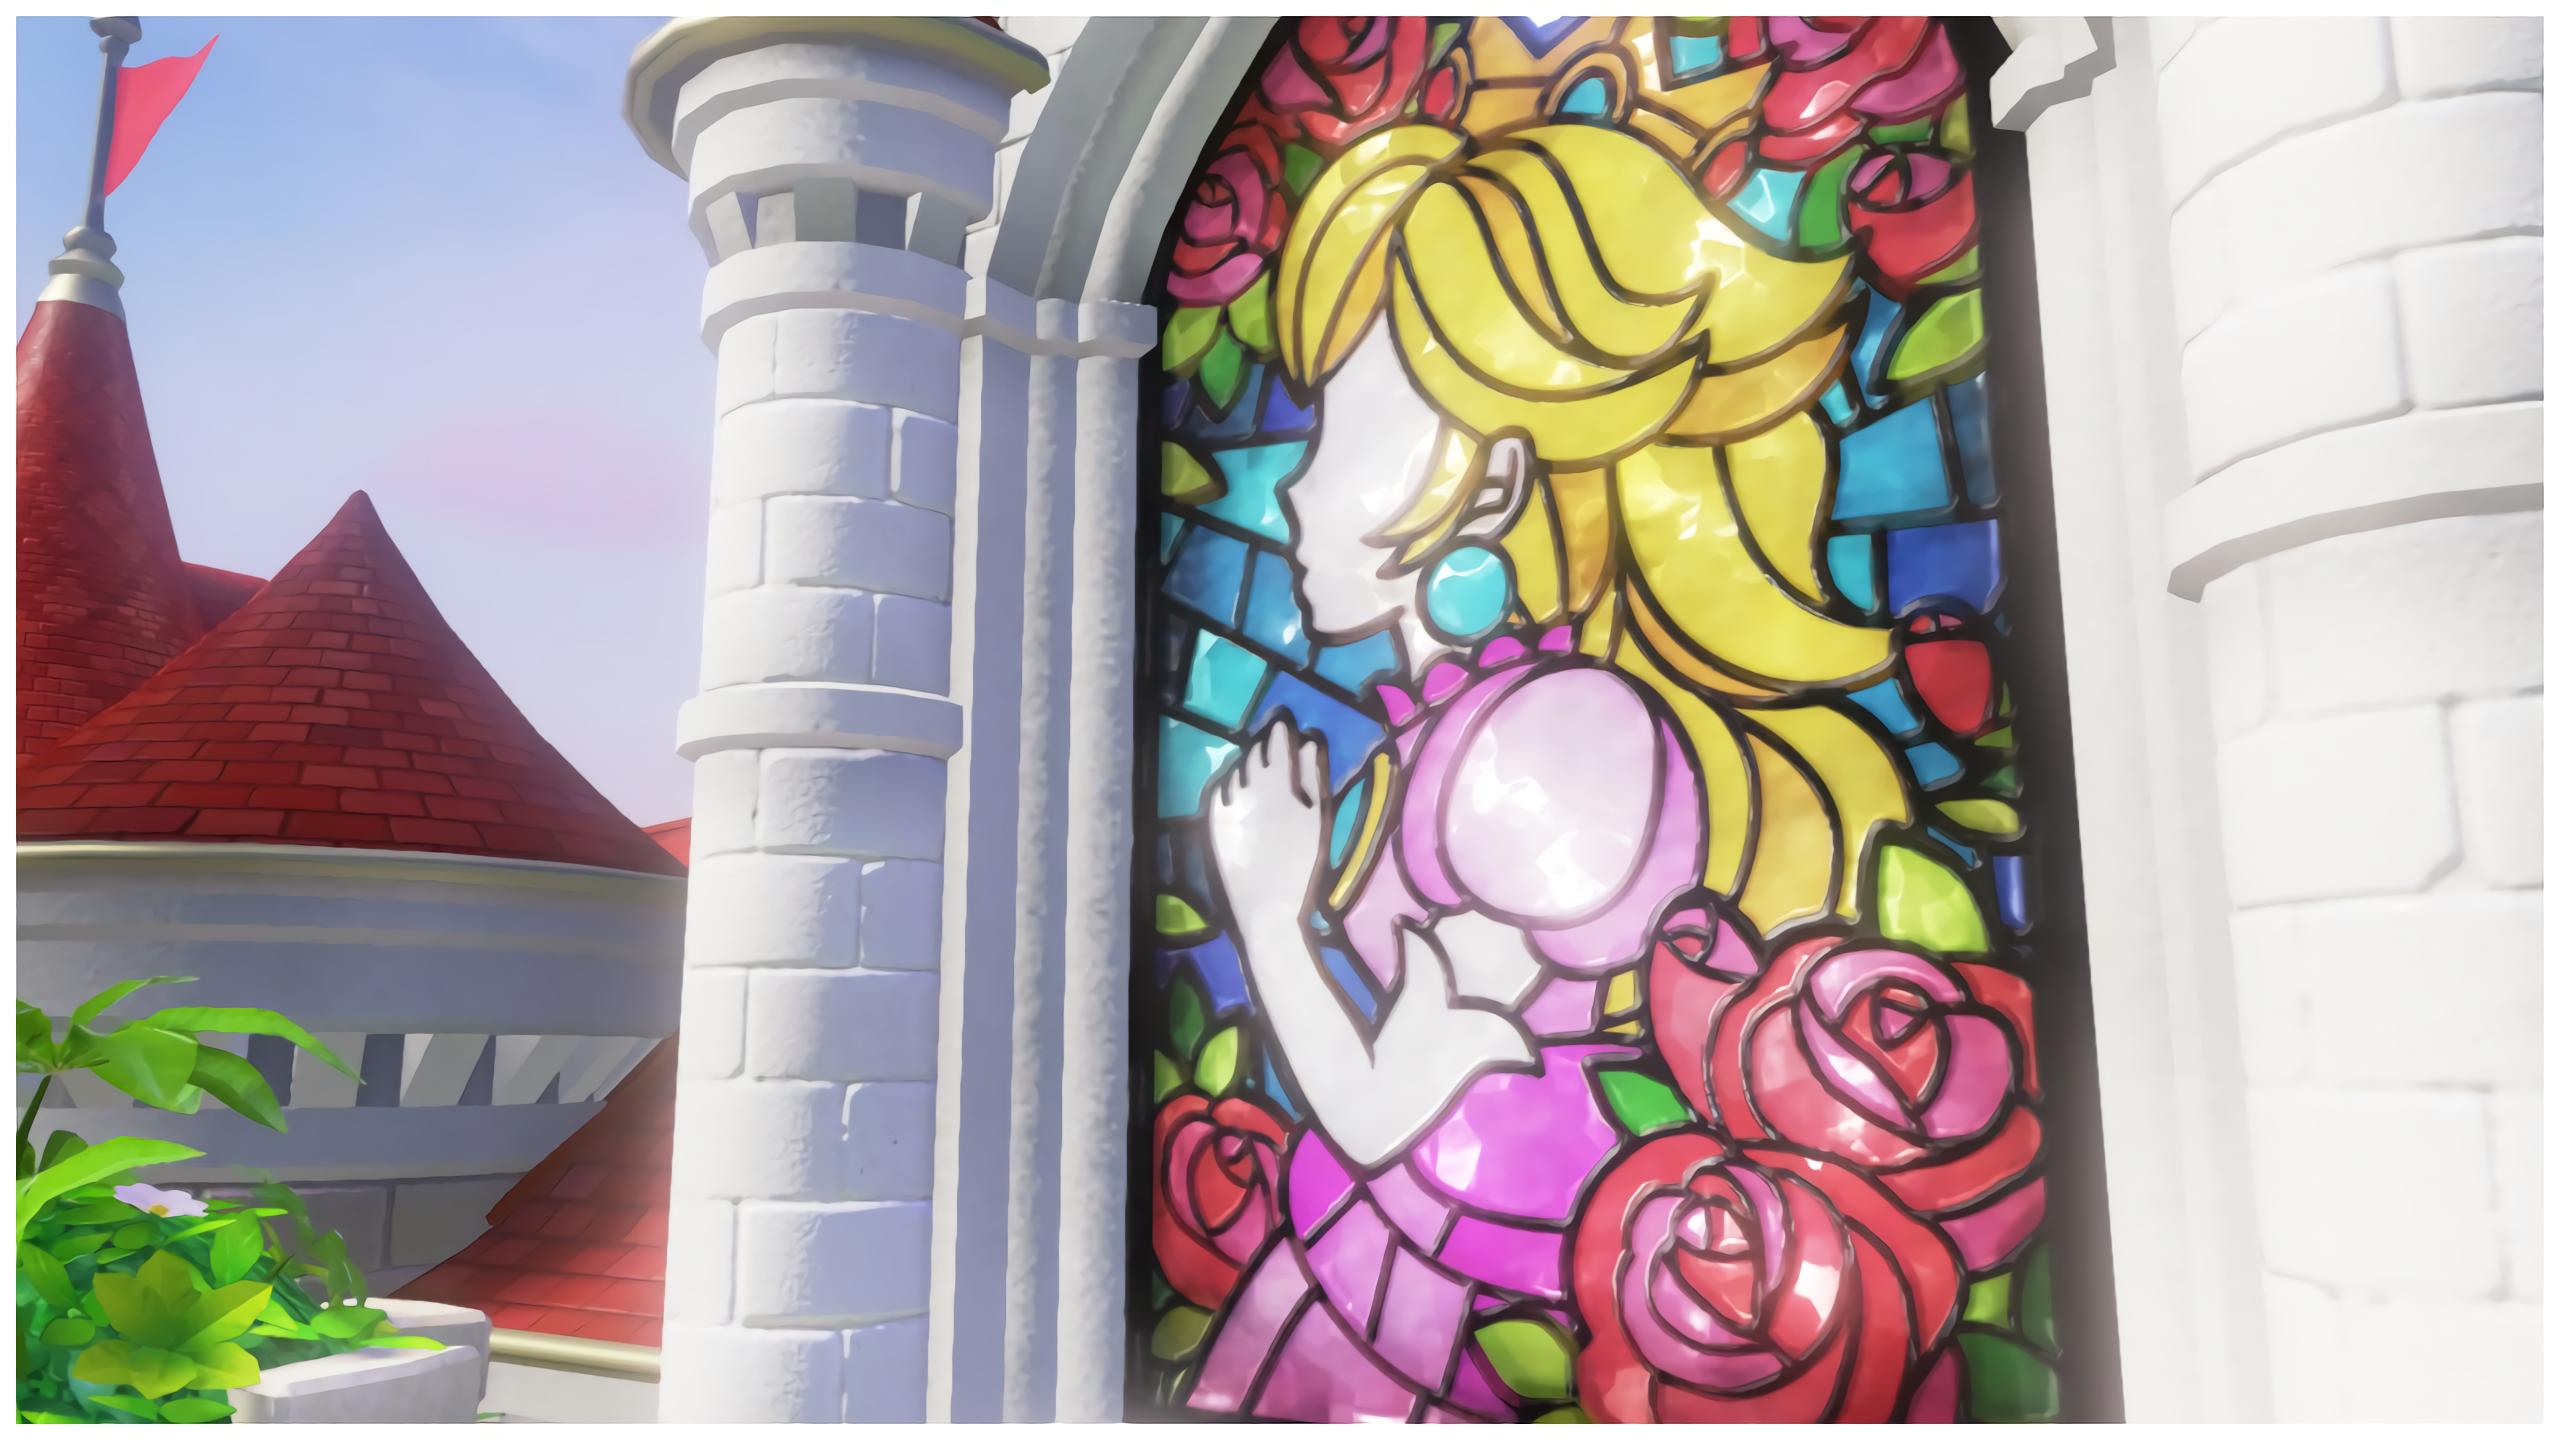 Peach S Castle Super Mario Odyssey By Supabloopa On Deviantart